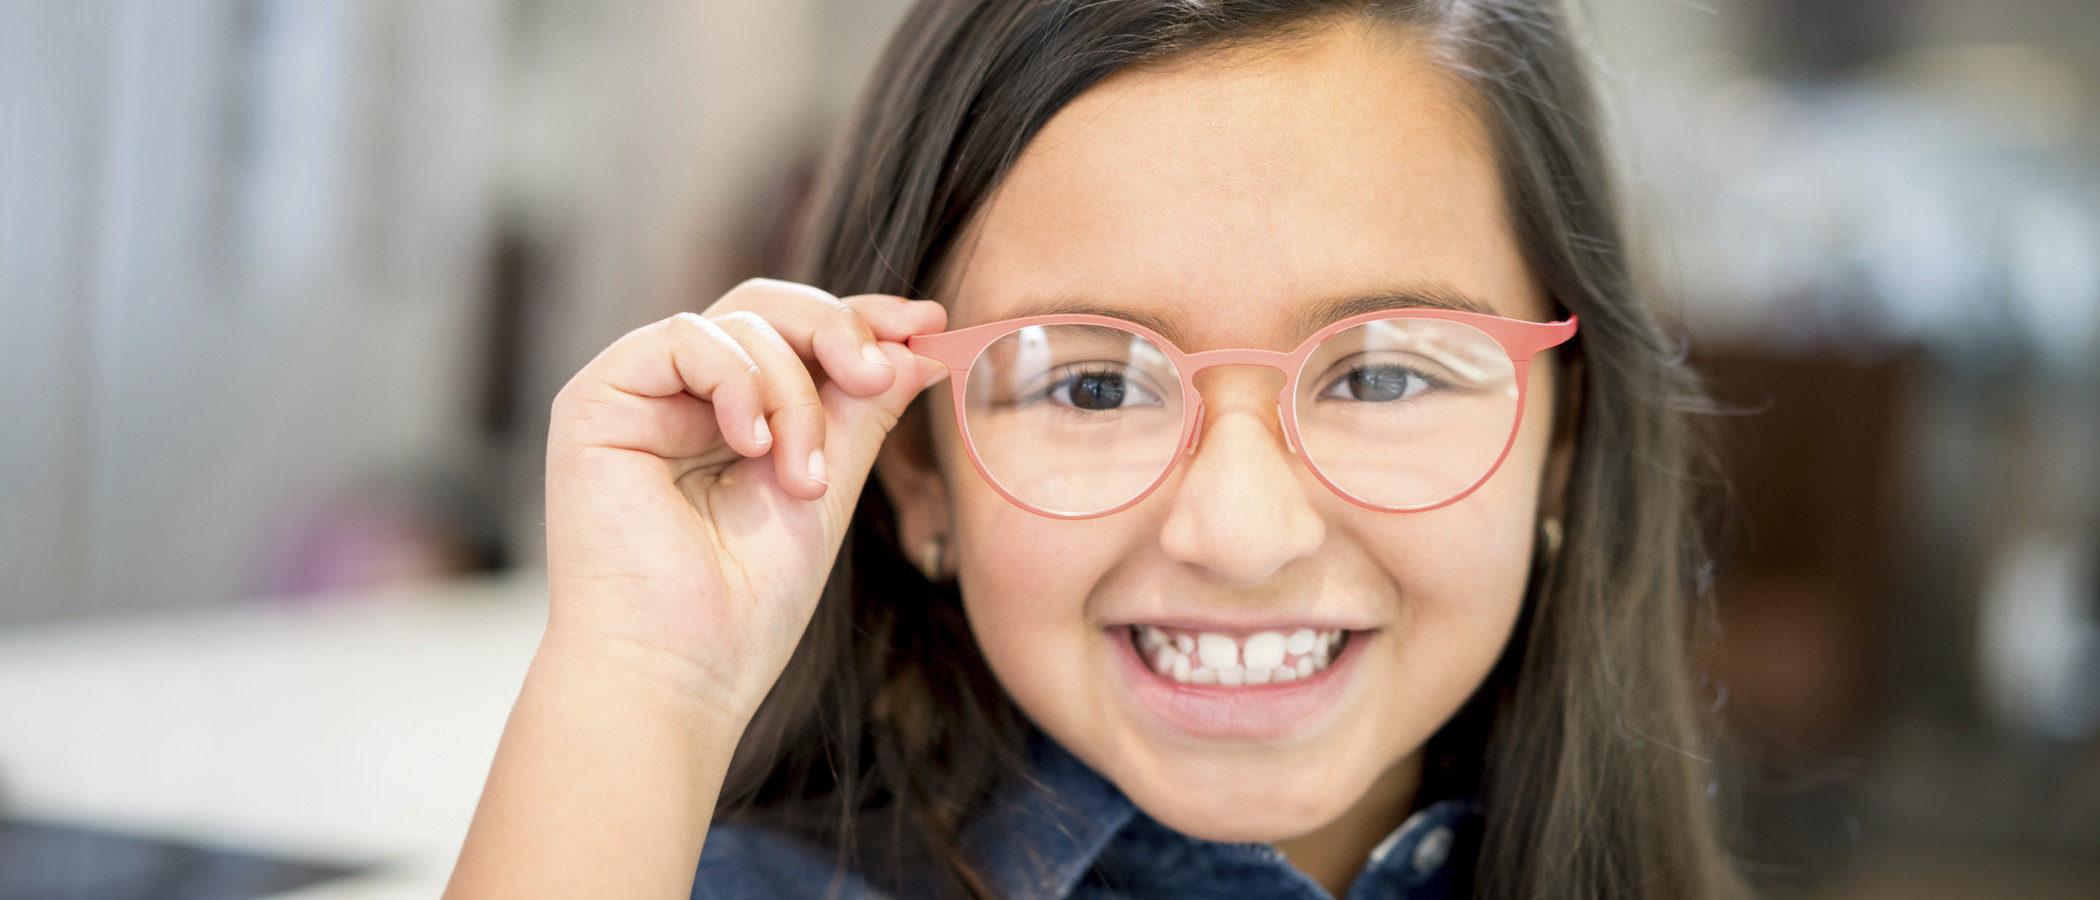 Los problemas de visión en los niños